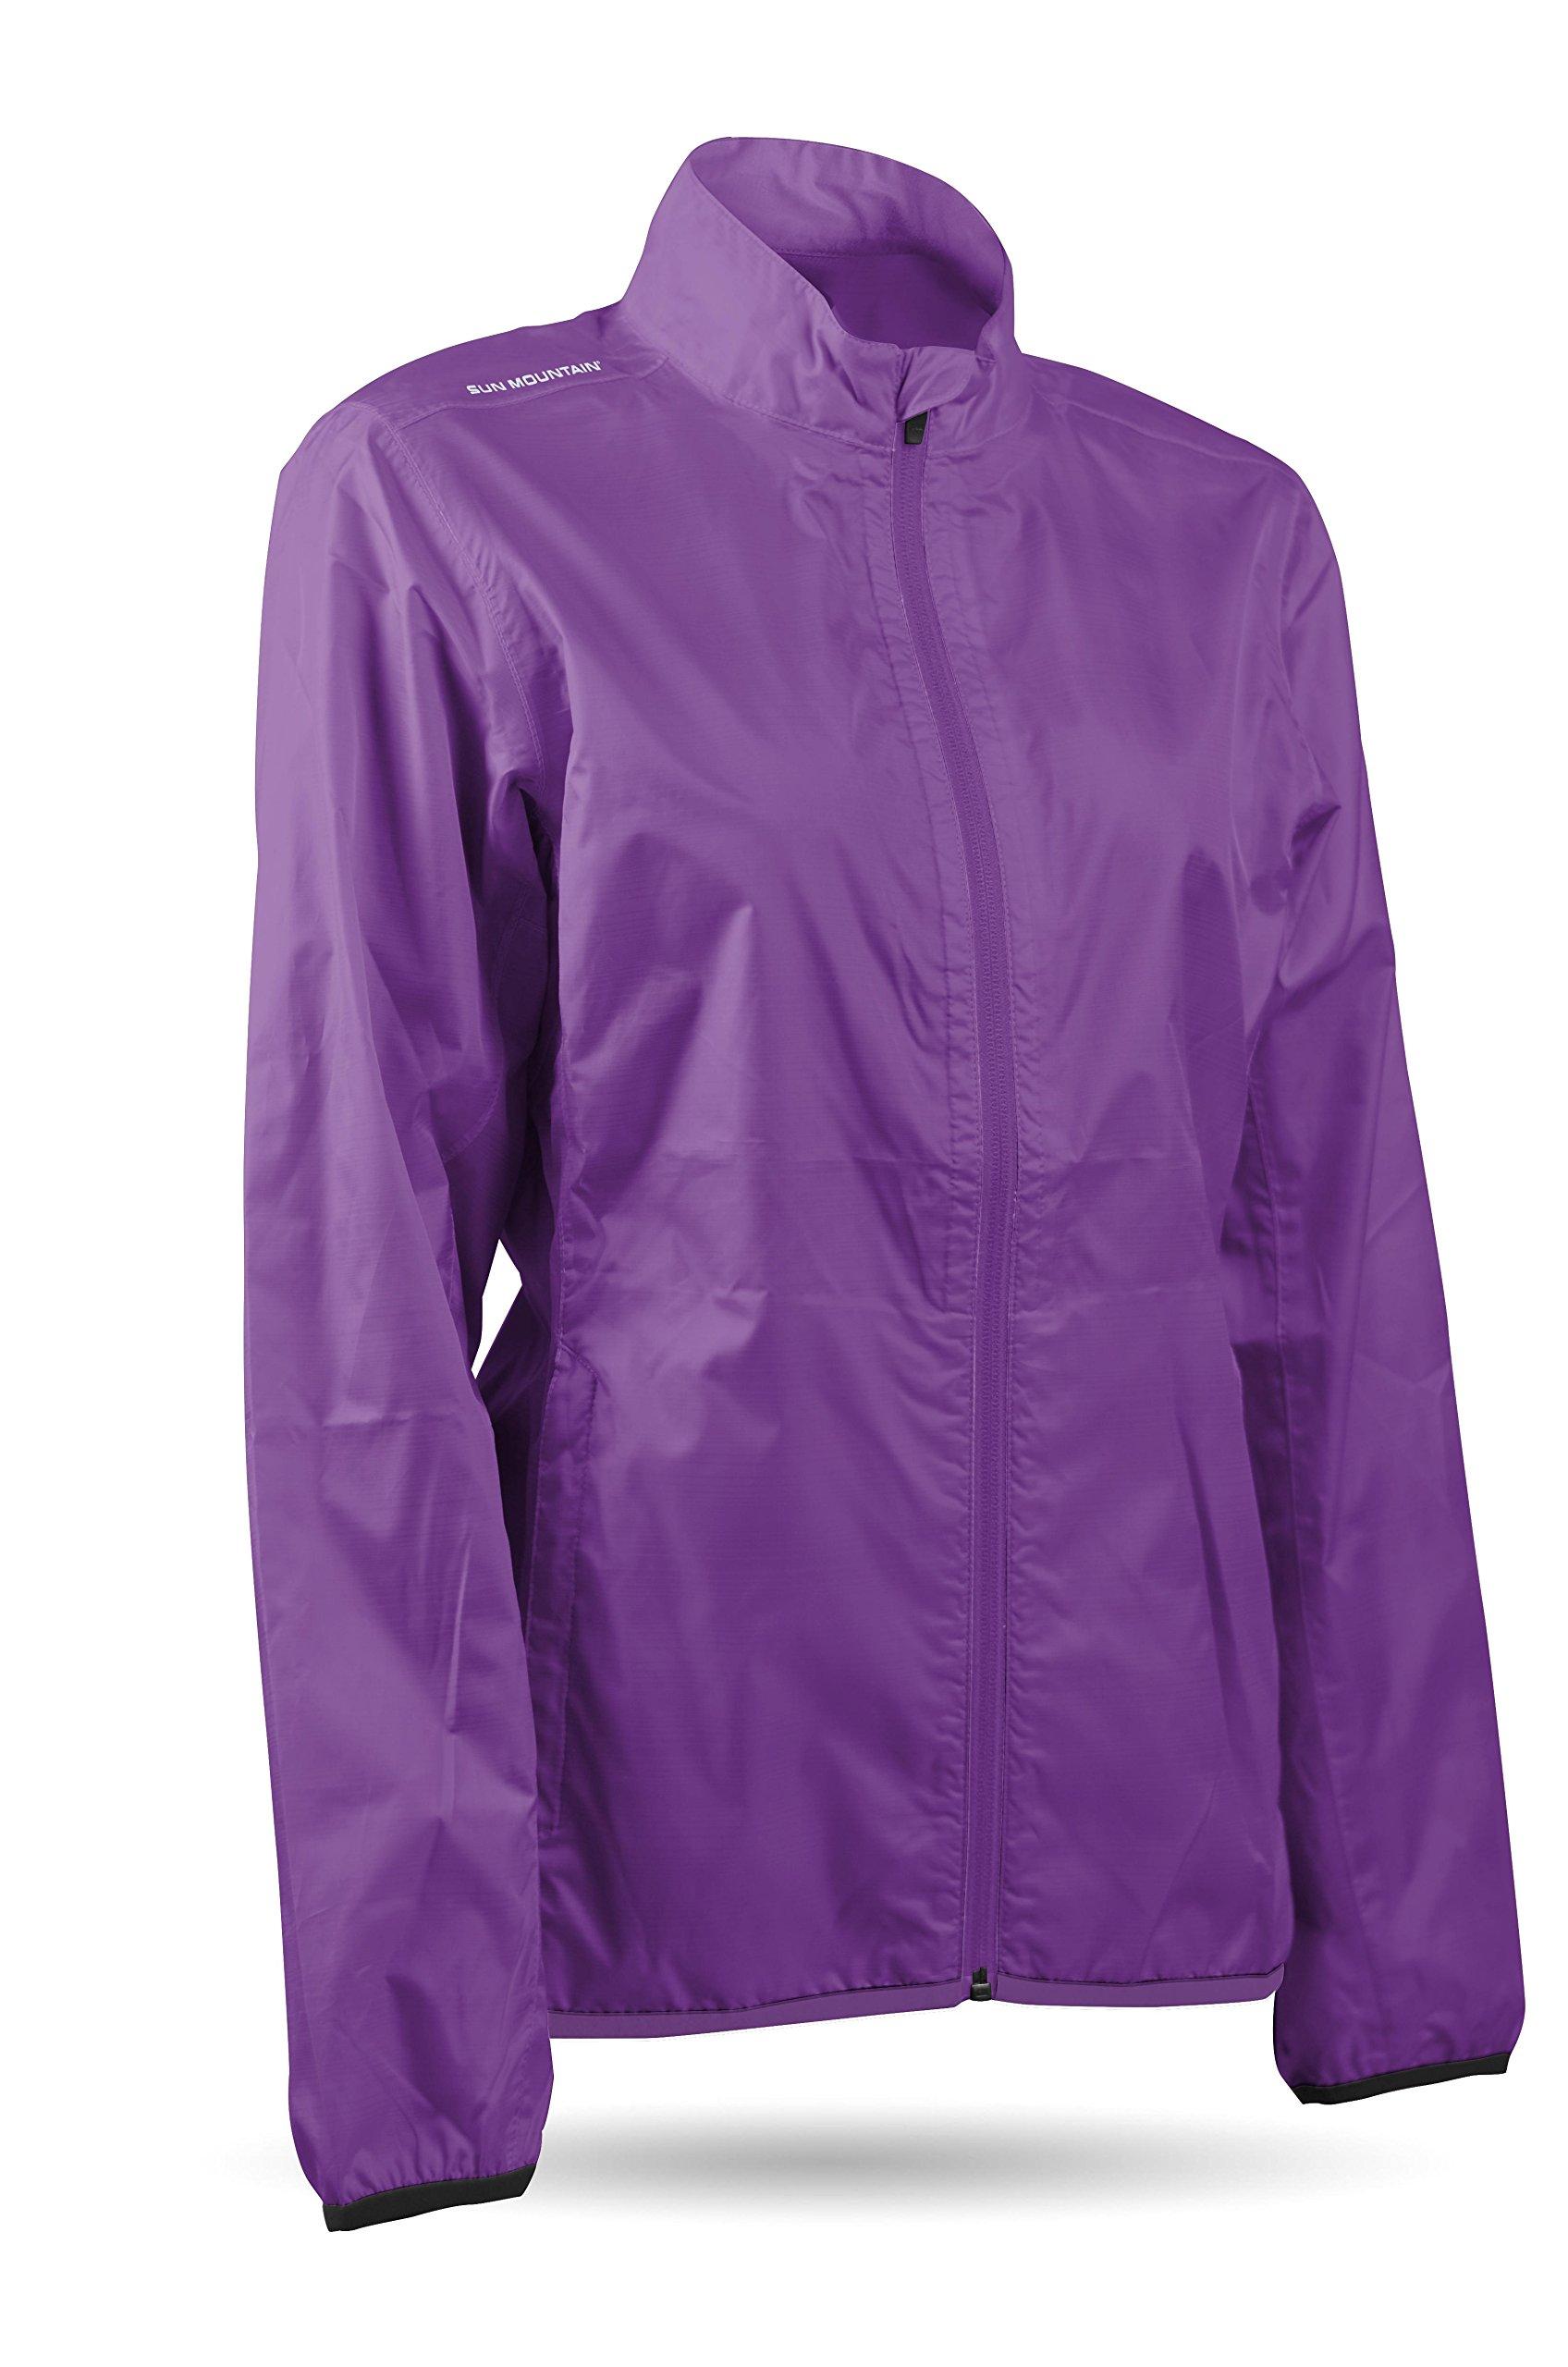 Sun Mountain Women's Cirrus Jacket - Amethyst (Medium) by Sun Mountain